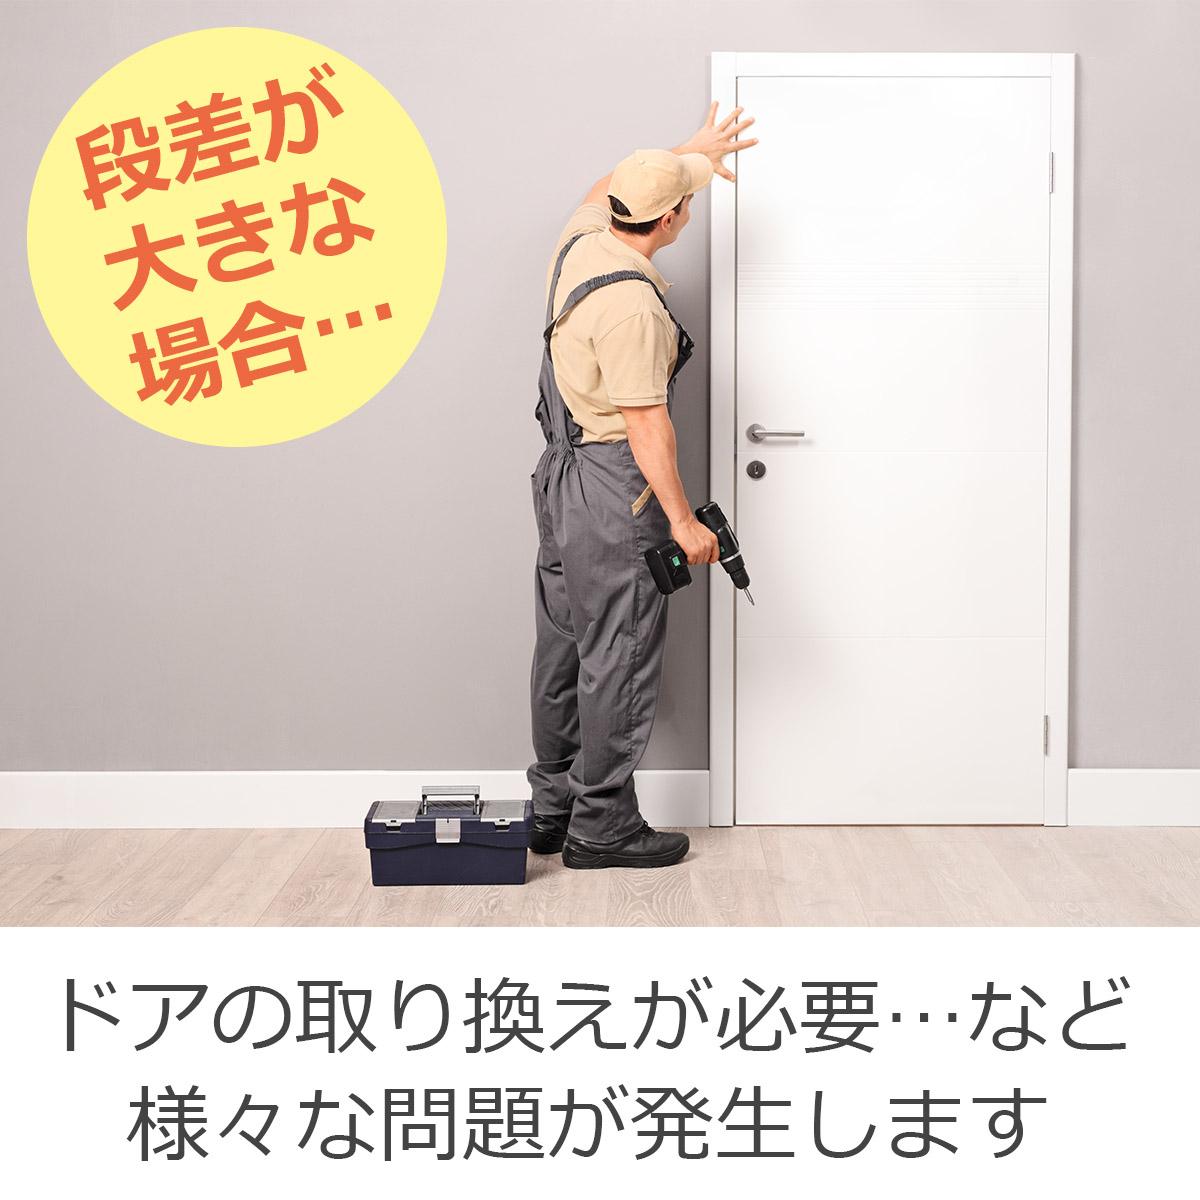 段差が大きな場合、ドアの貼り替えが必要…など様々な問題が発生します